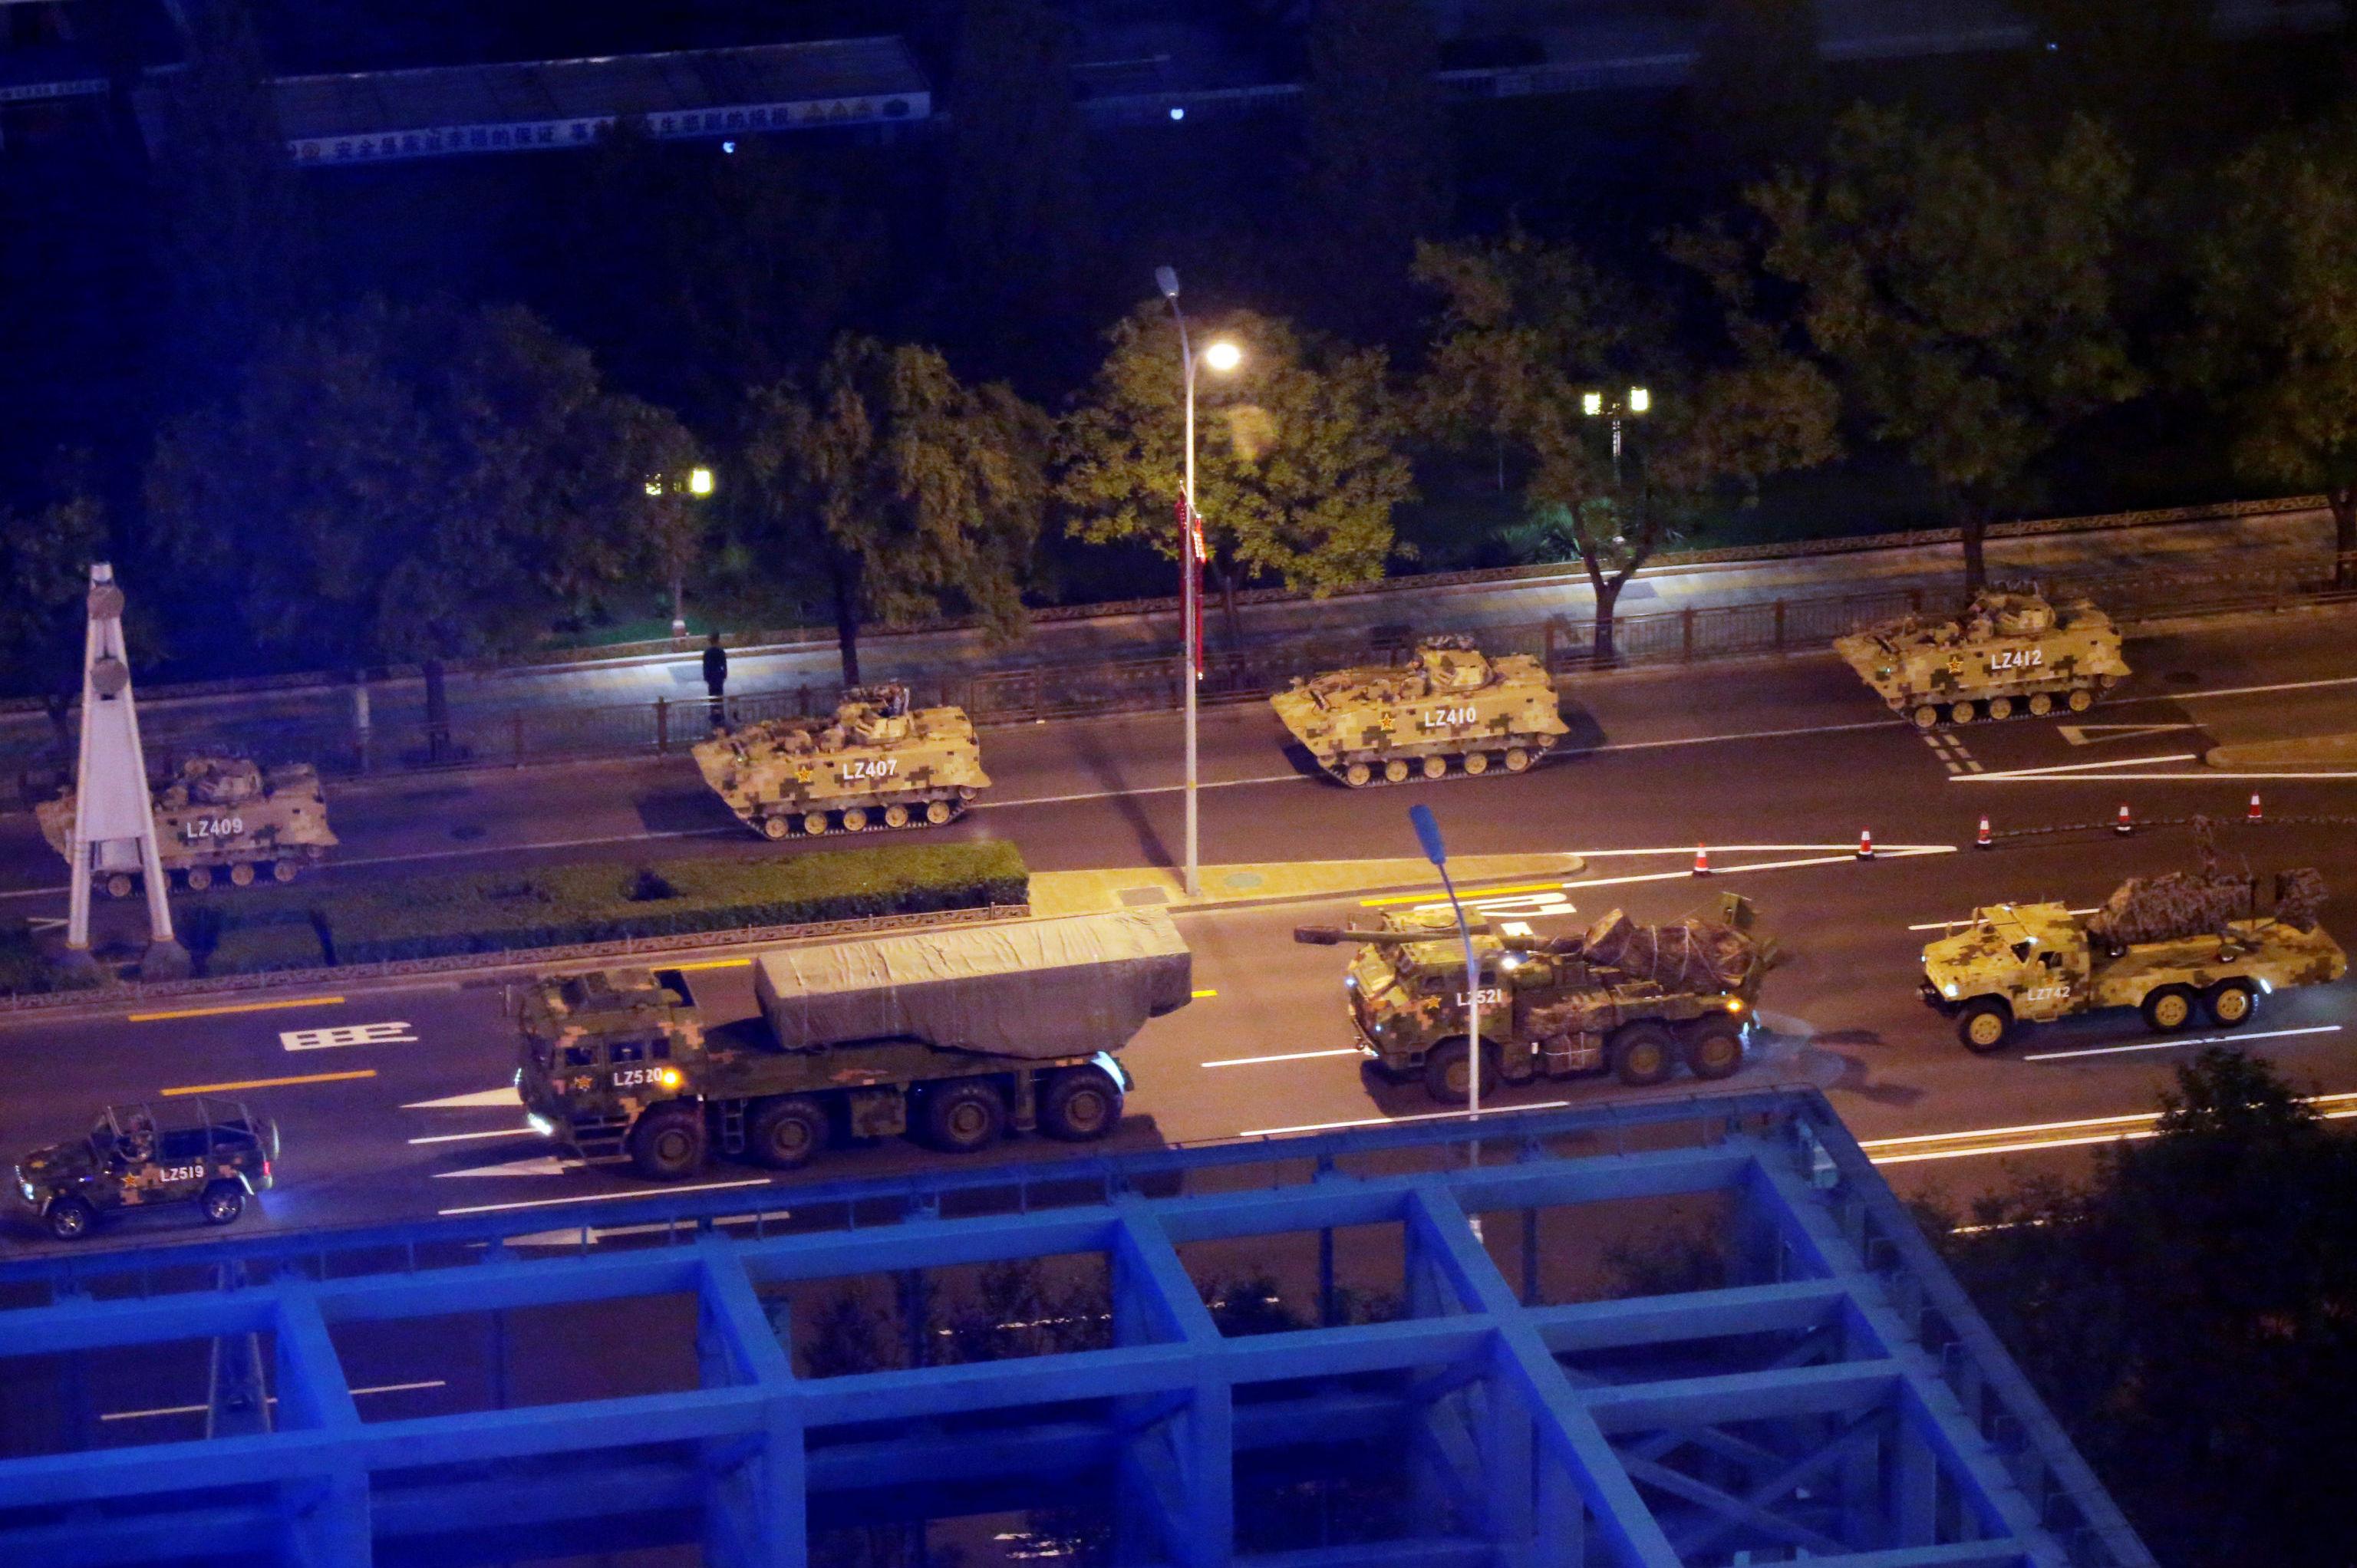 Suposto novo mini-helicóptero militar da China sendo carregado por um pequeno caminhão